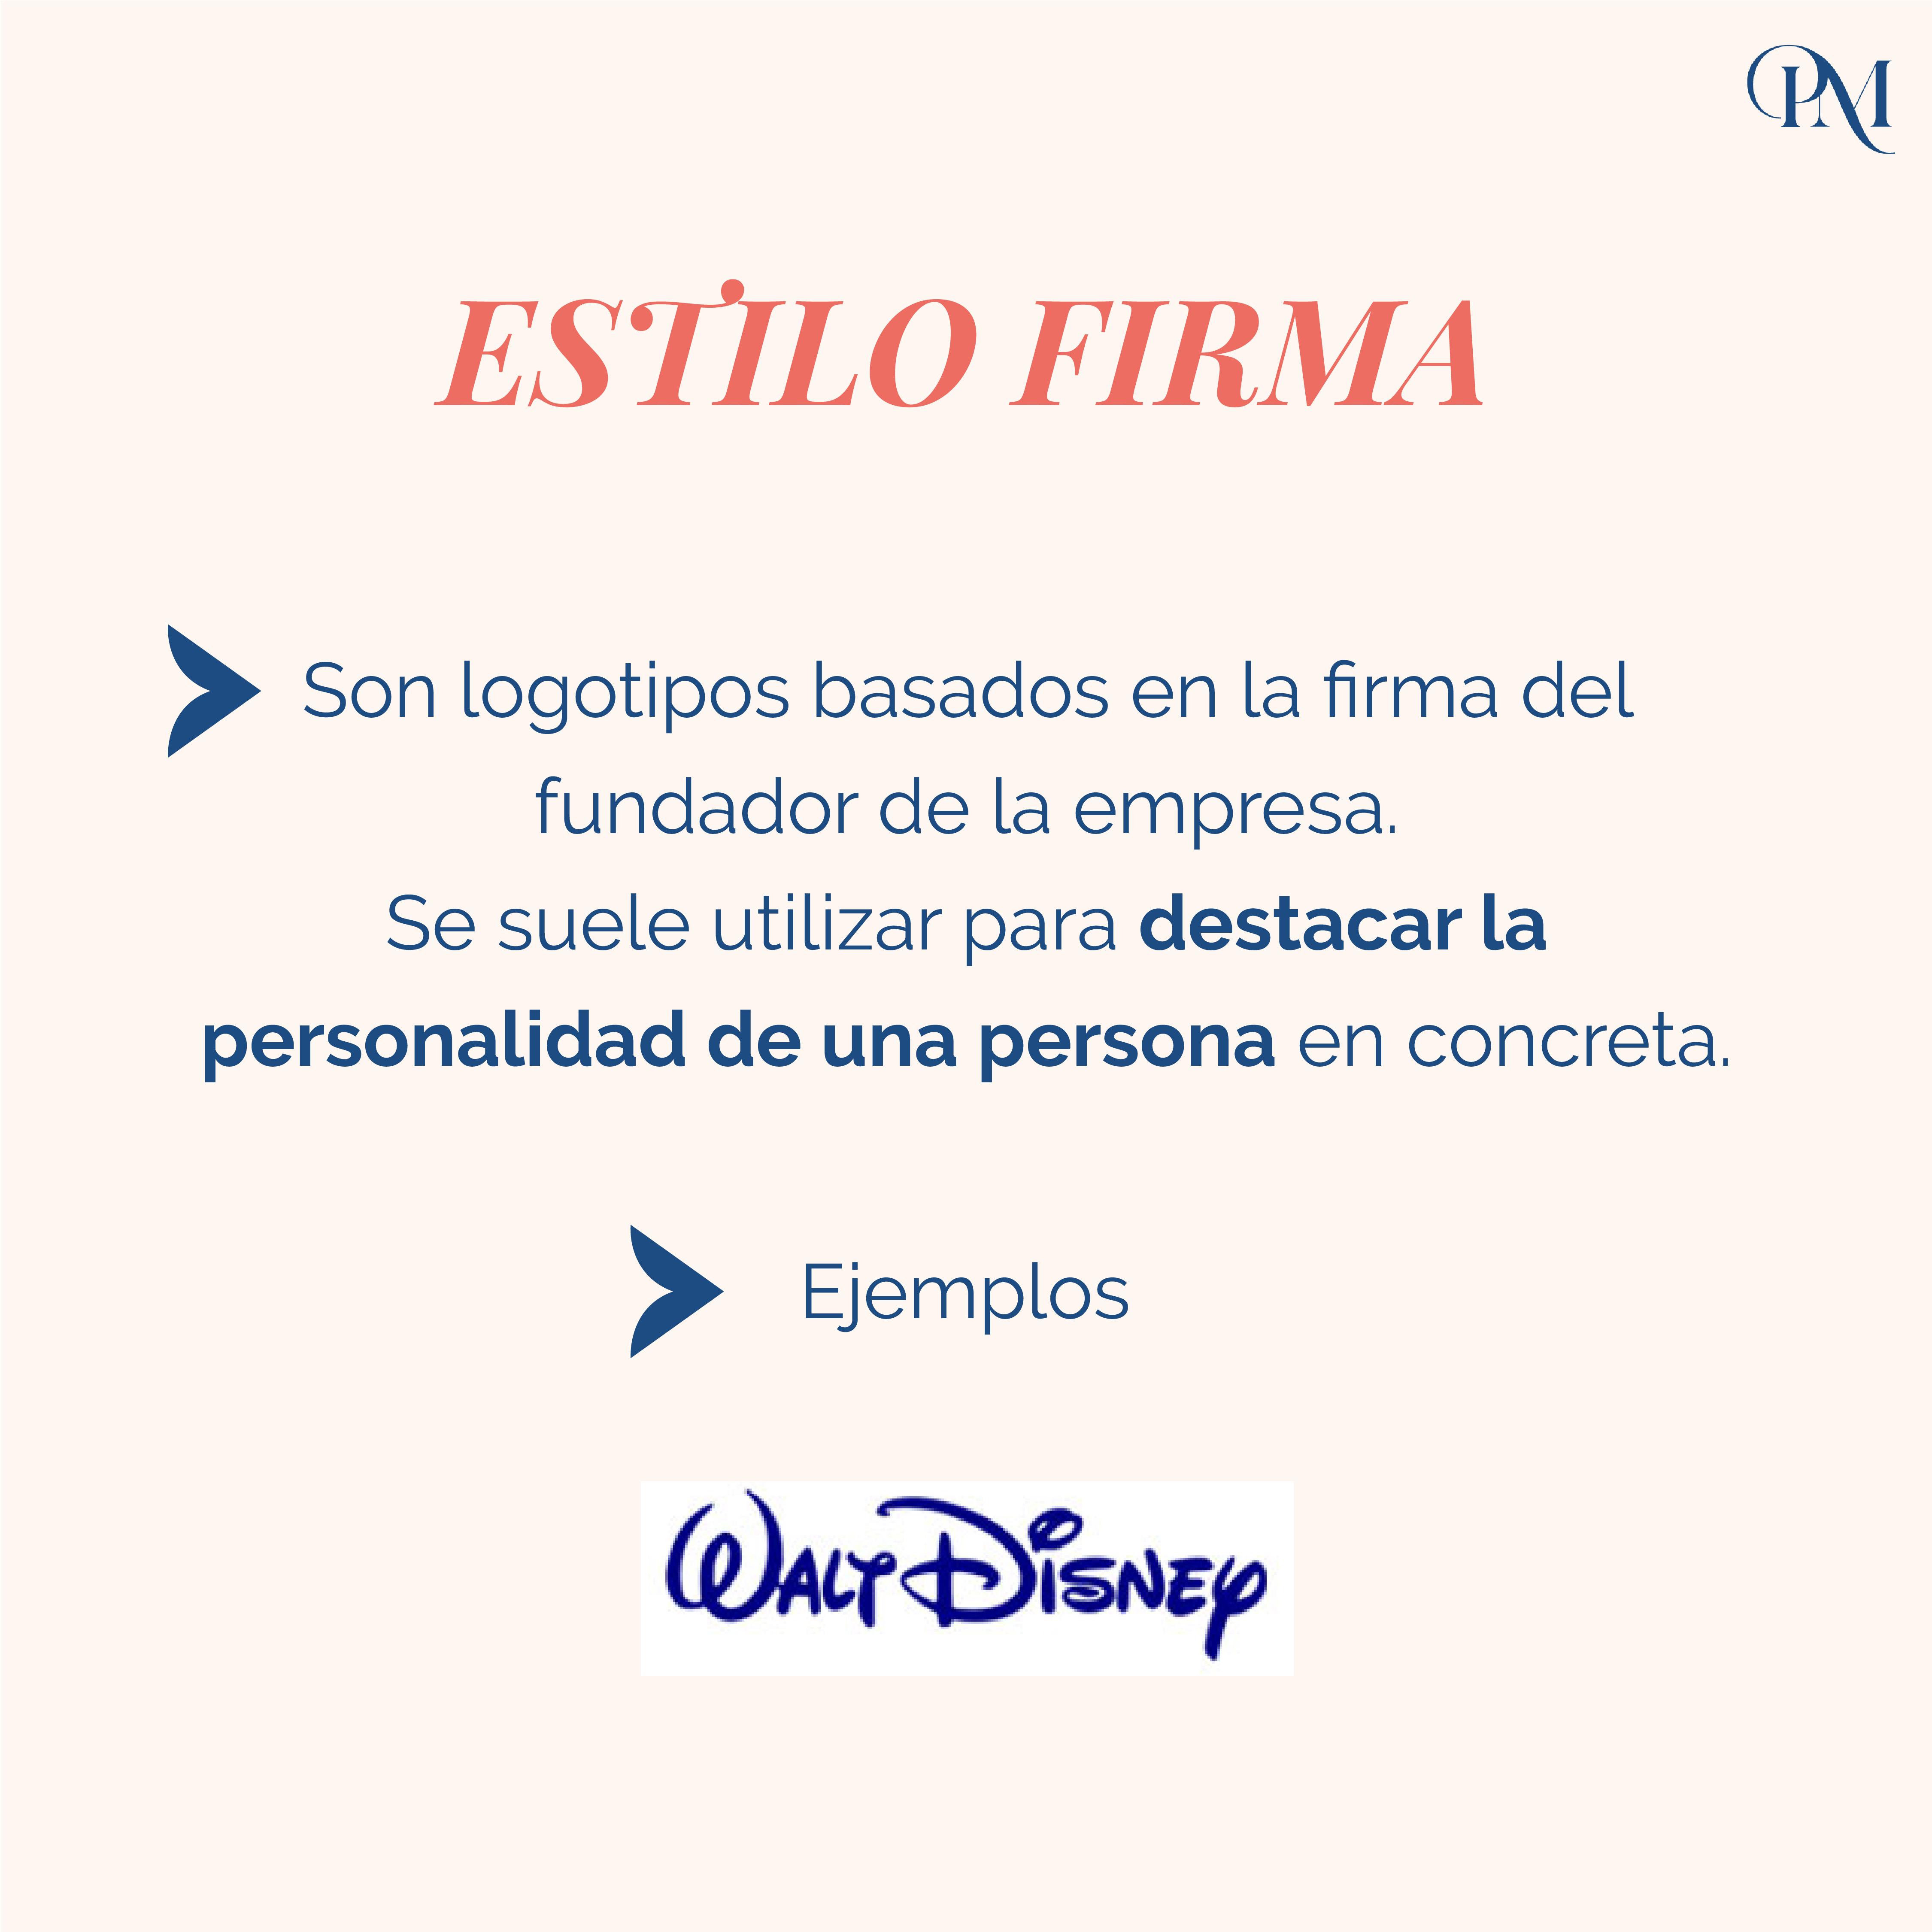 TIPOS DE LOGO - ESTILO FIRMA